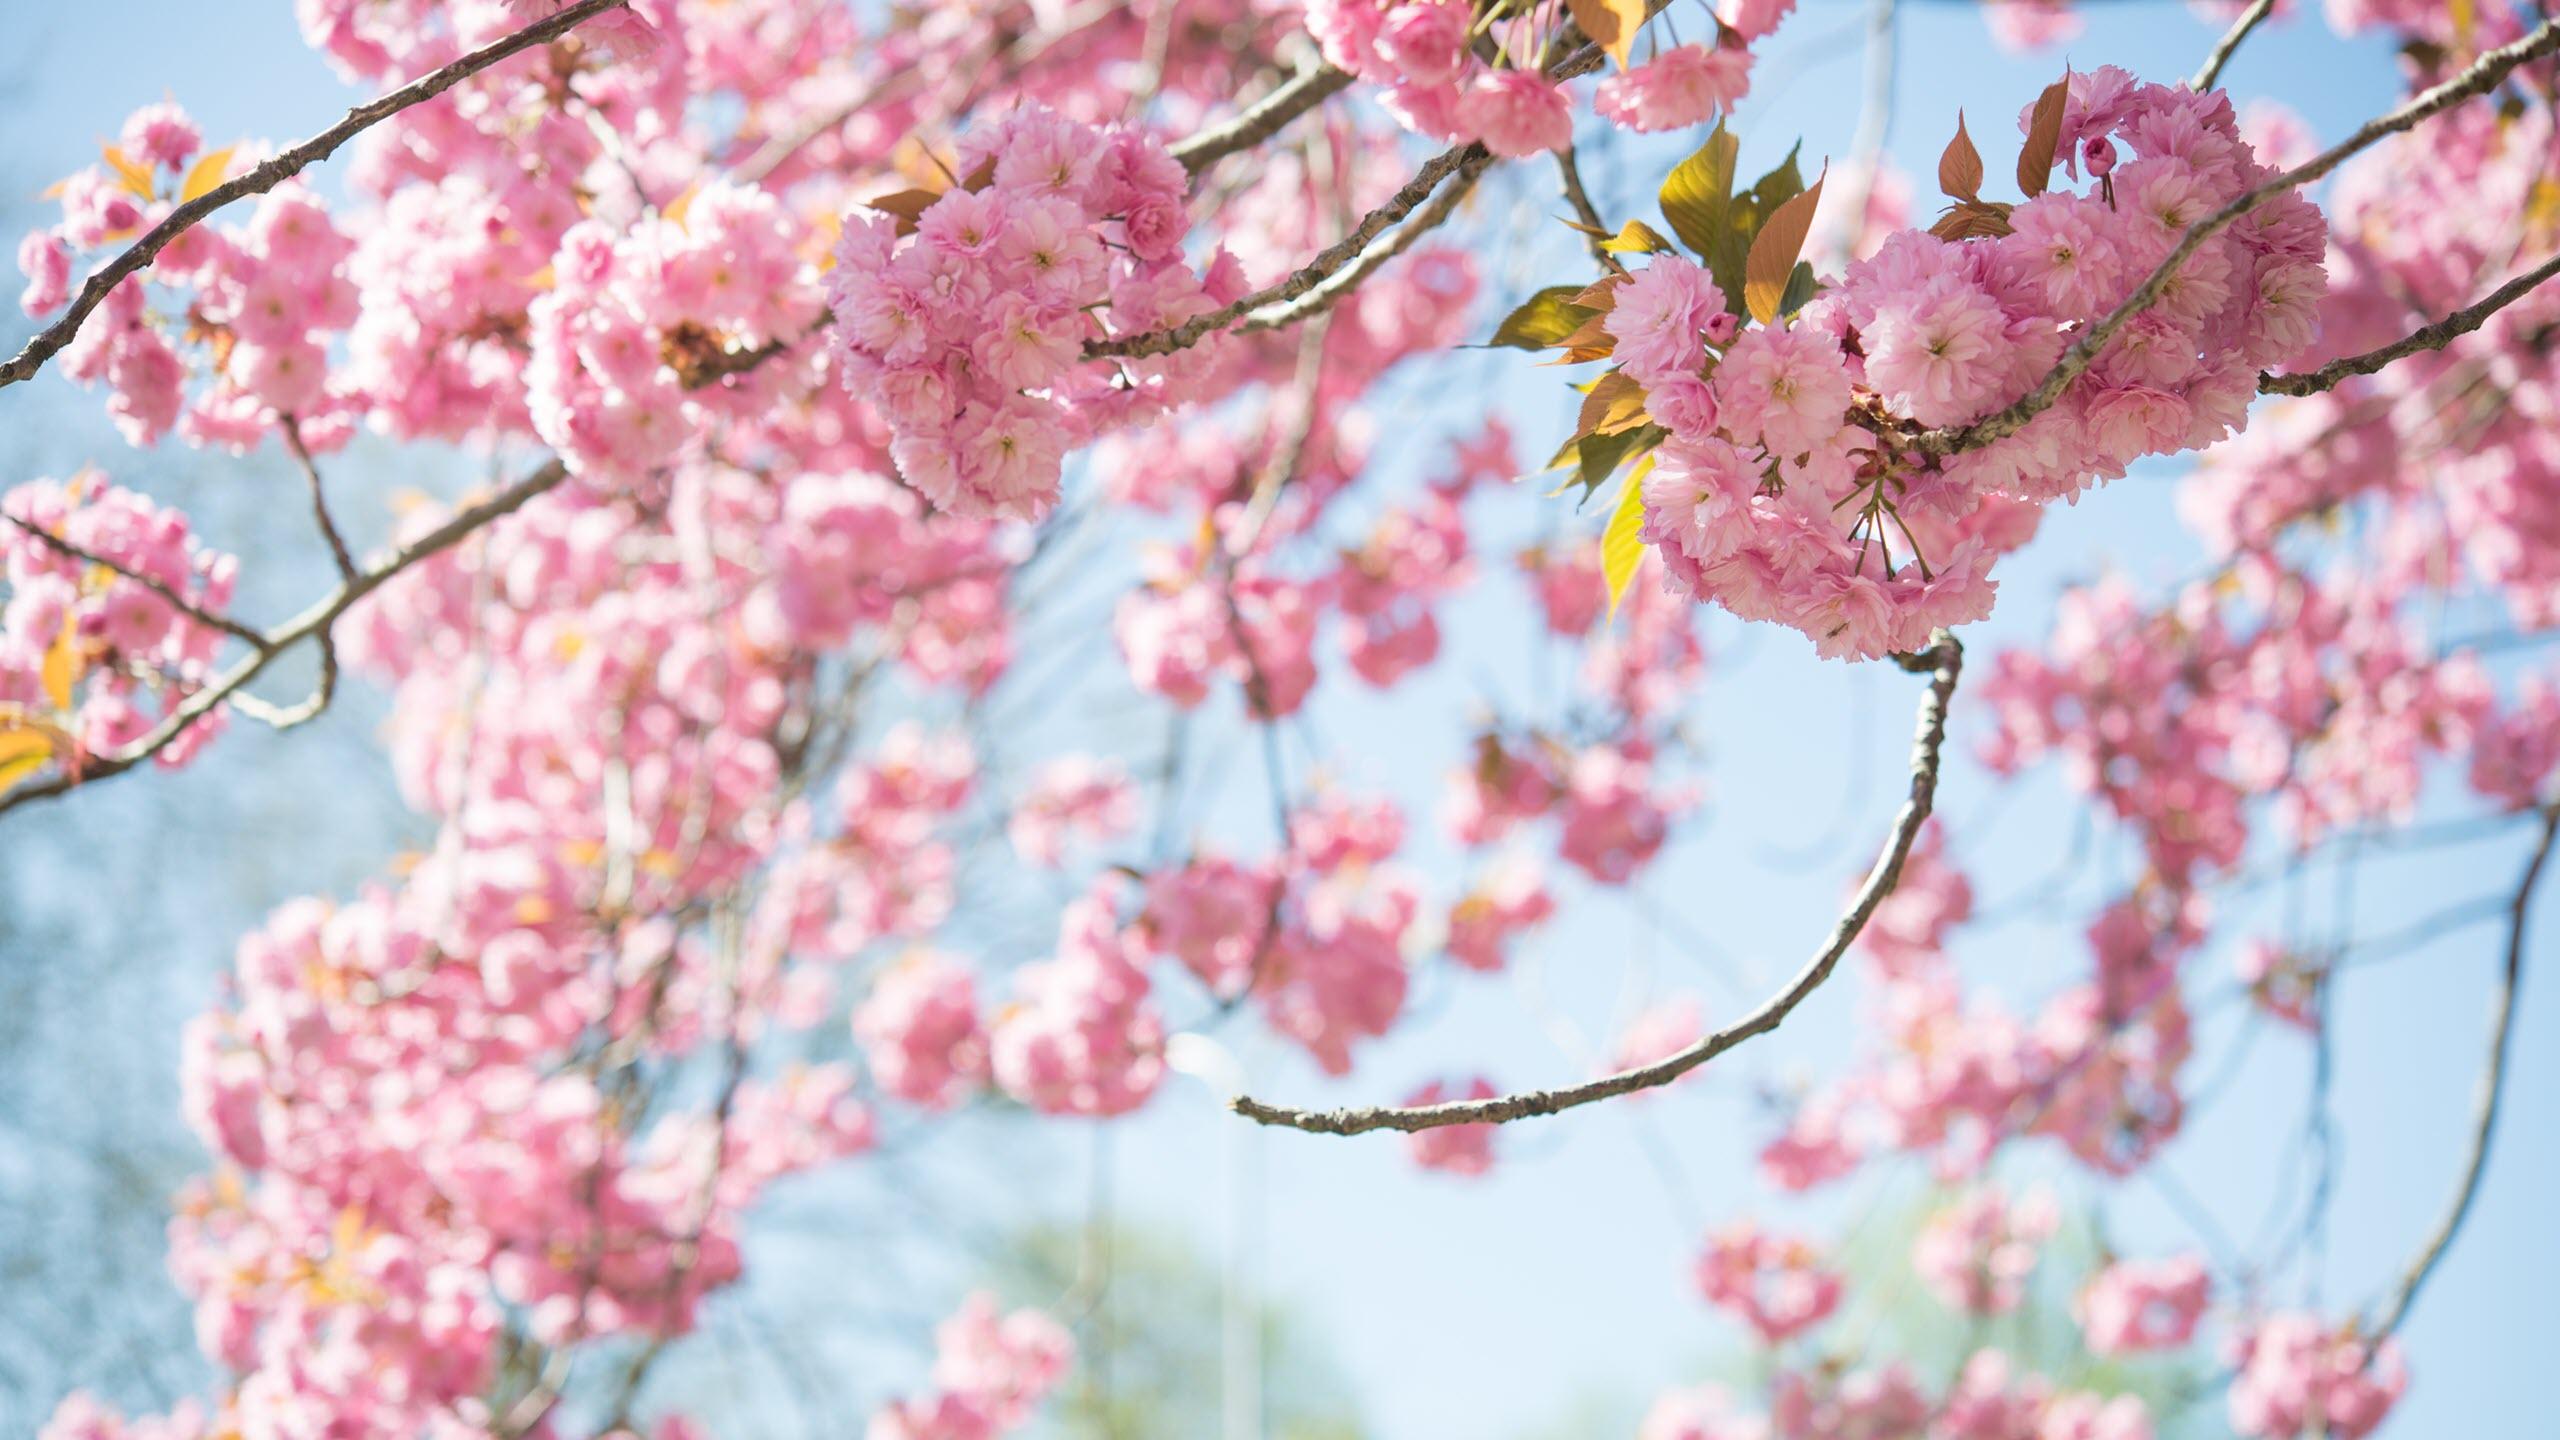 Hình nền hoa anh đào tuyệt đẹp